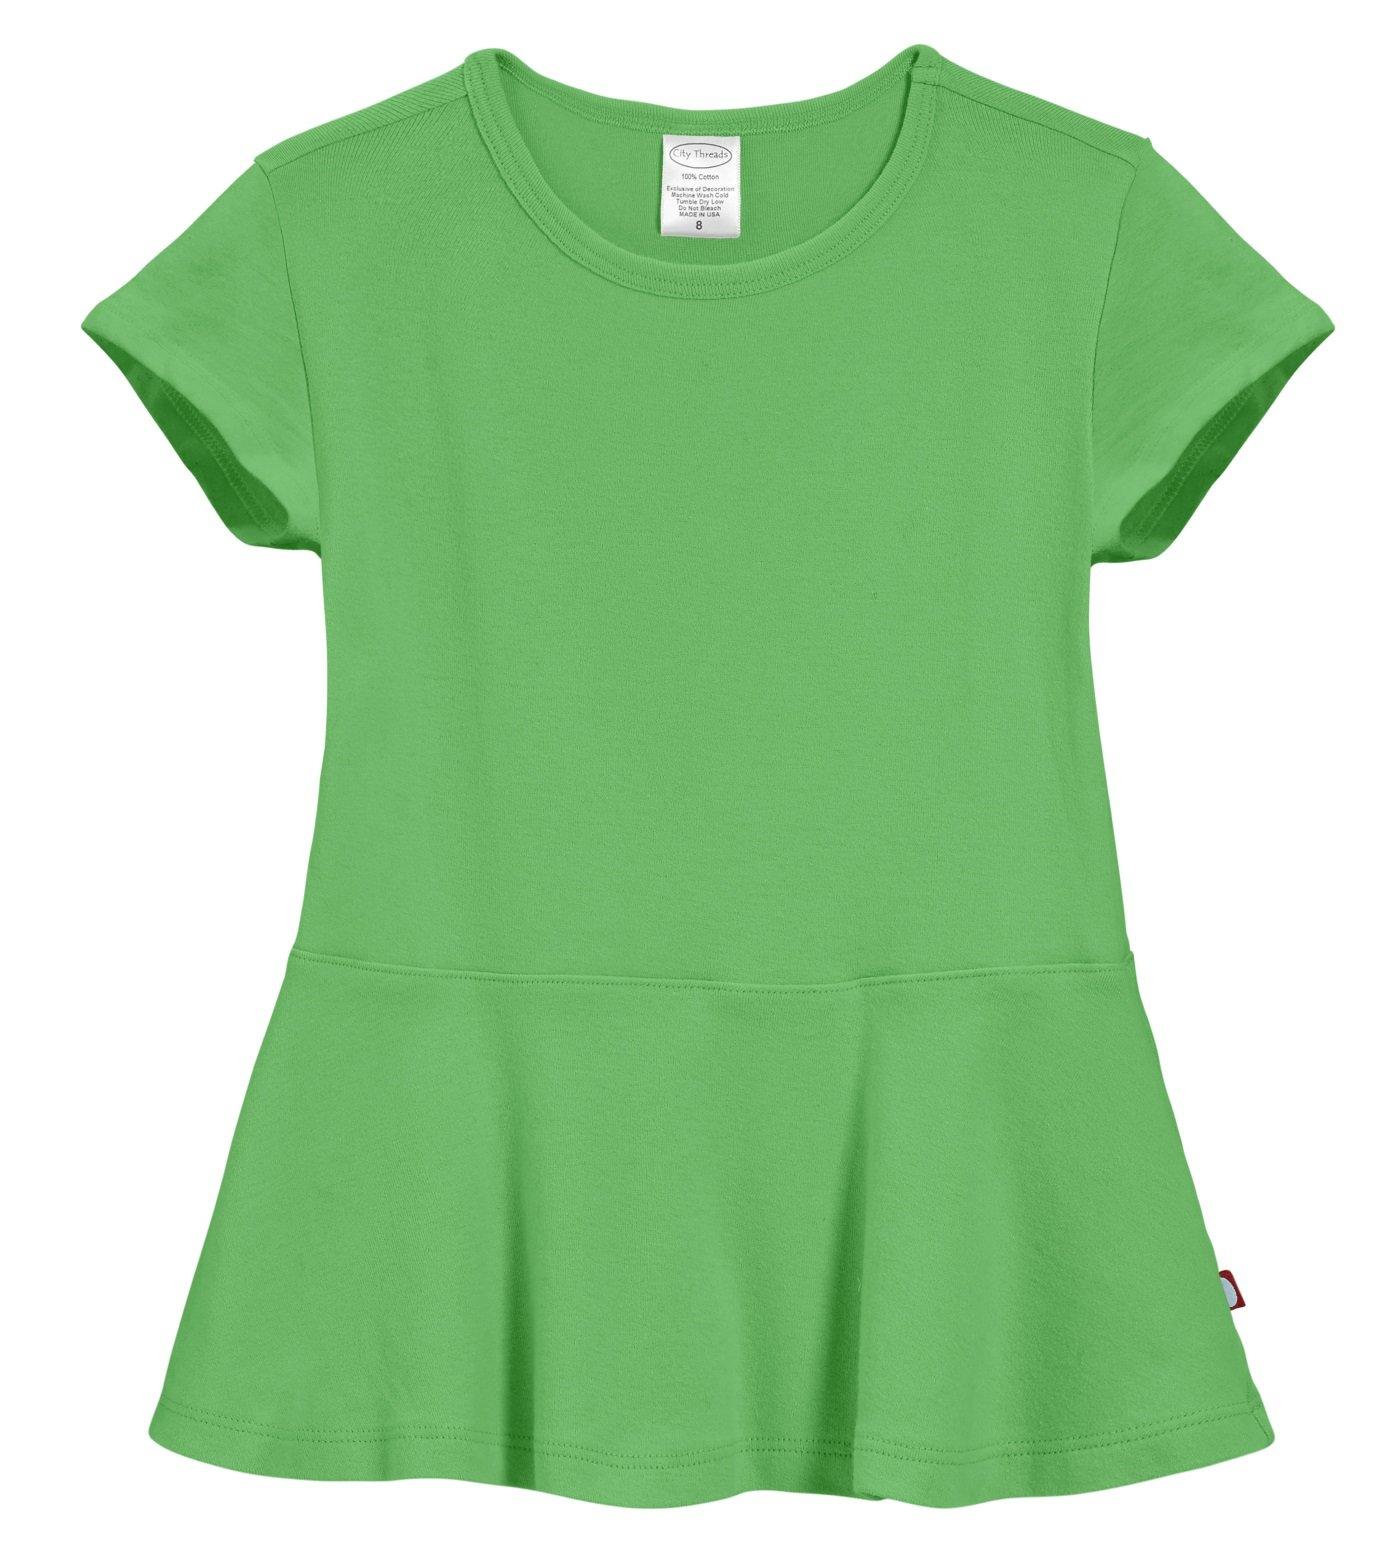 City Threads Big Girls' Cotton Short Sleeve Peplum Top Blouse Shirt For Summer Play School Parties Stylish SPD Sensory Friendly, Elf, 16